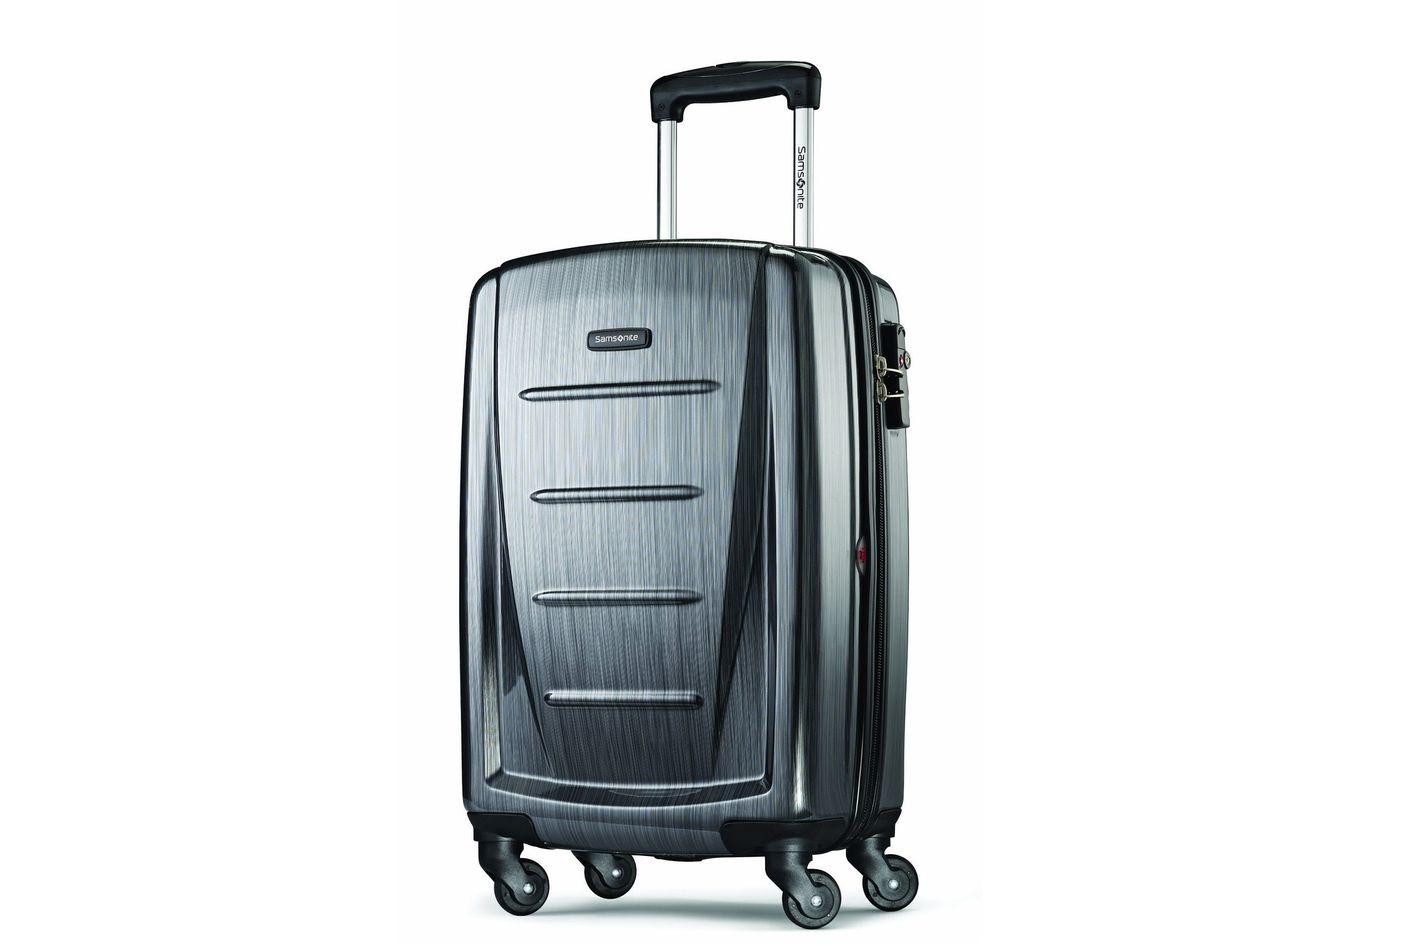 Samsonite WInfield Luggage